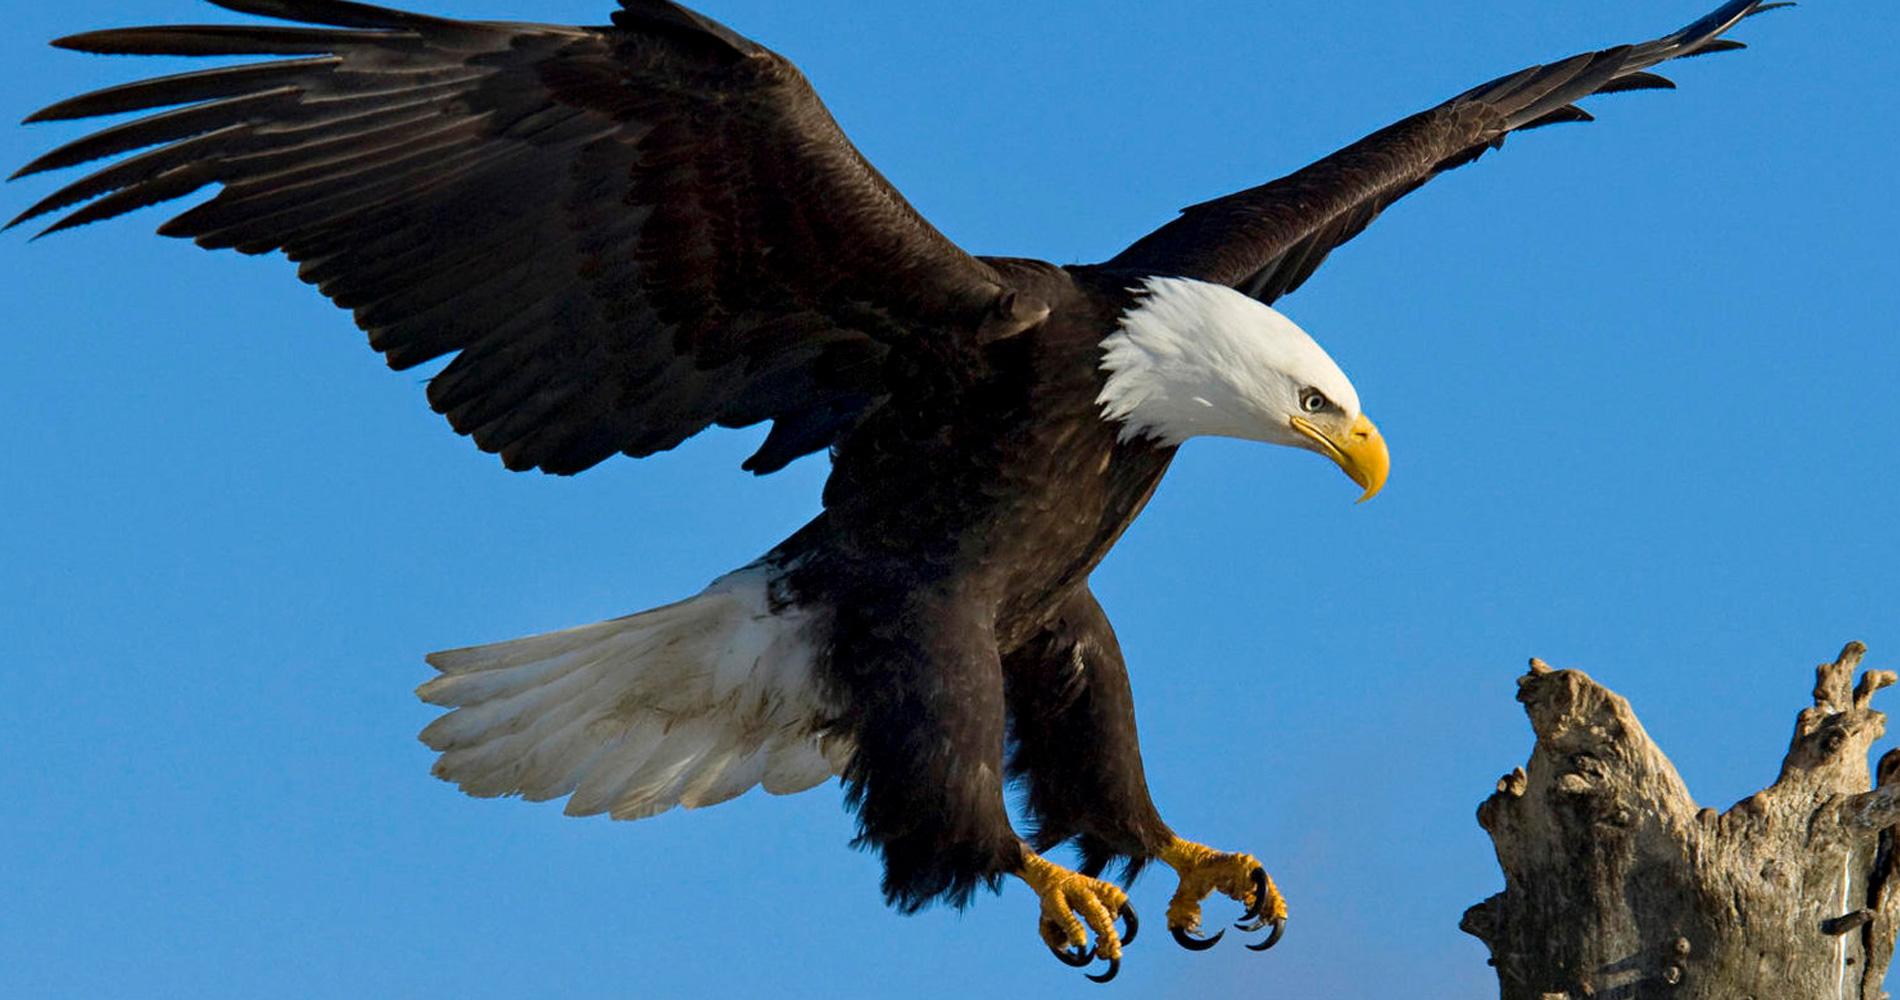 Assez Des aigles dressés pour capturer des drones aux Pays-Bas - Tech  FS46